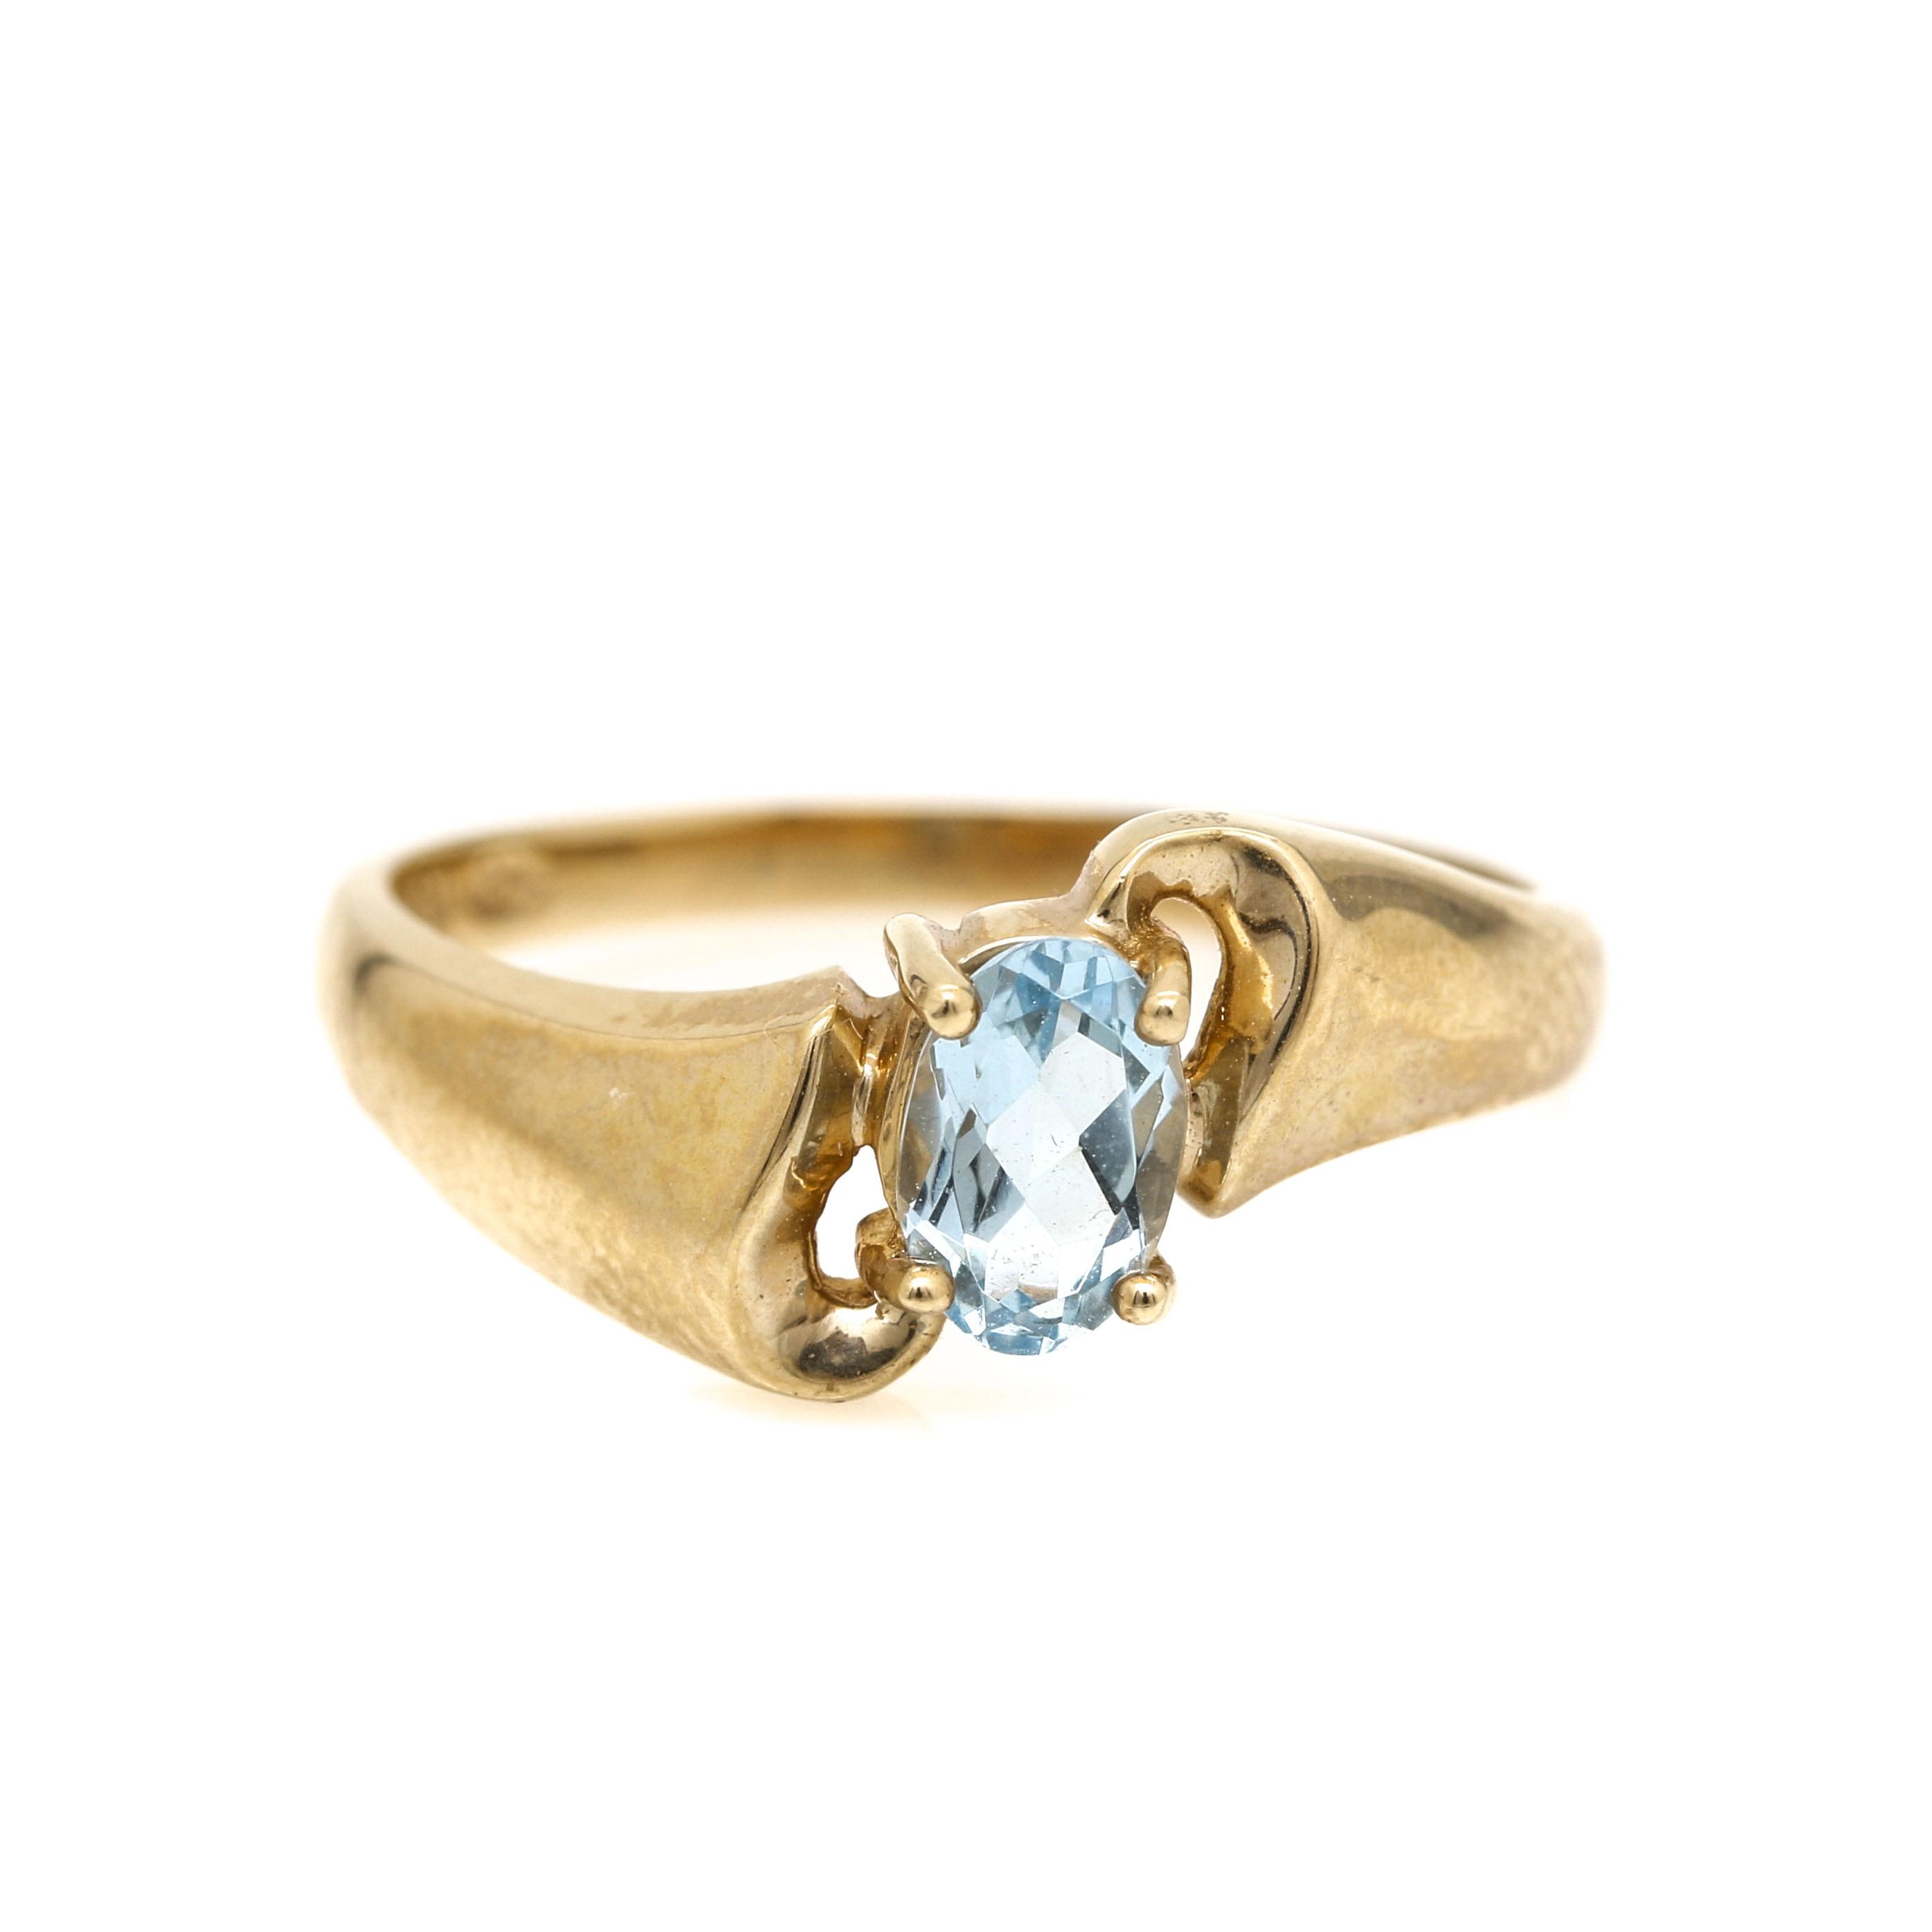 10K Yellow Gold Aquamarine Bypass Ring